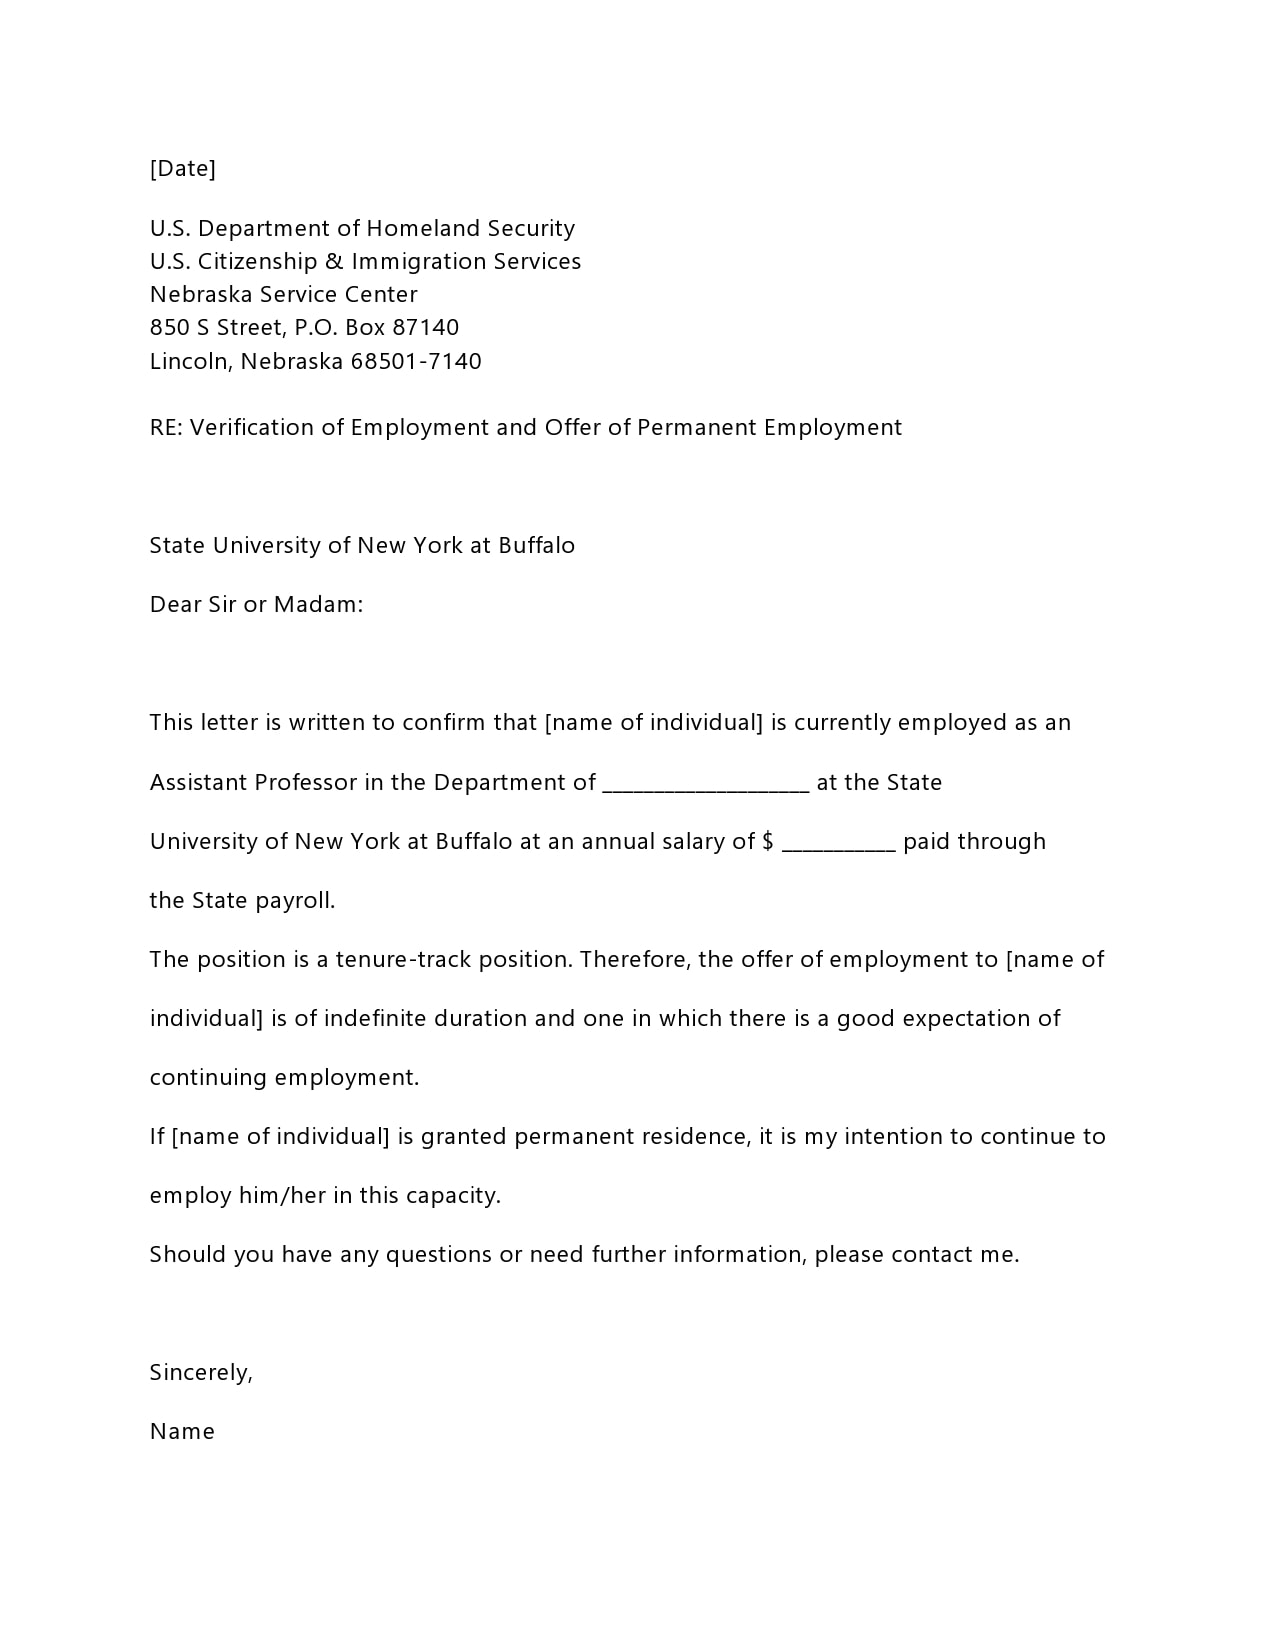 employment verification letter 17